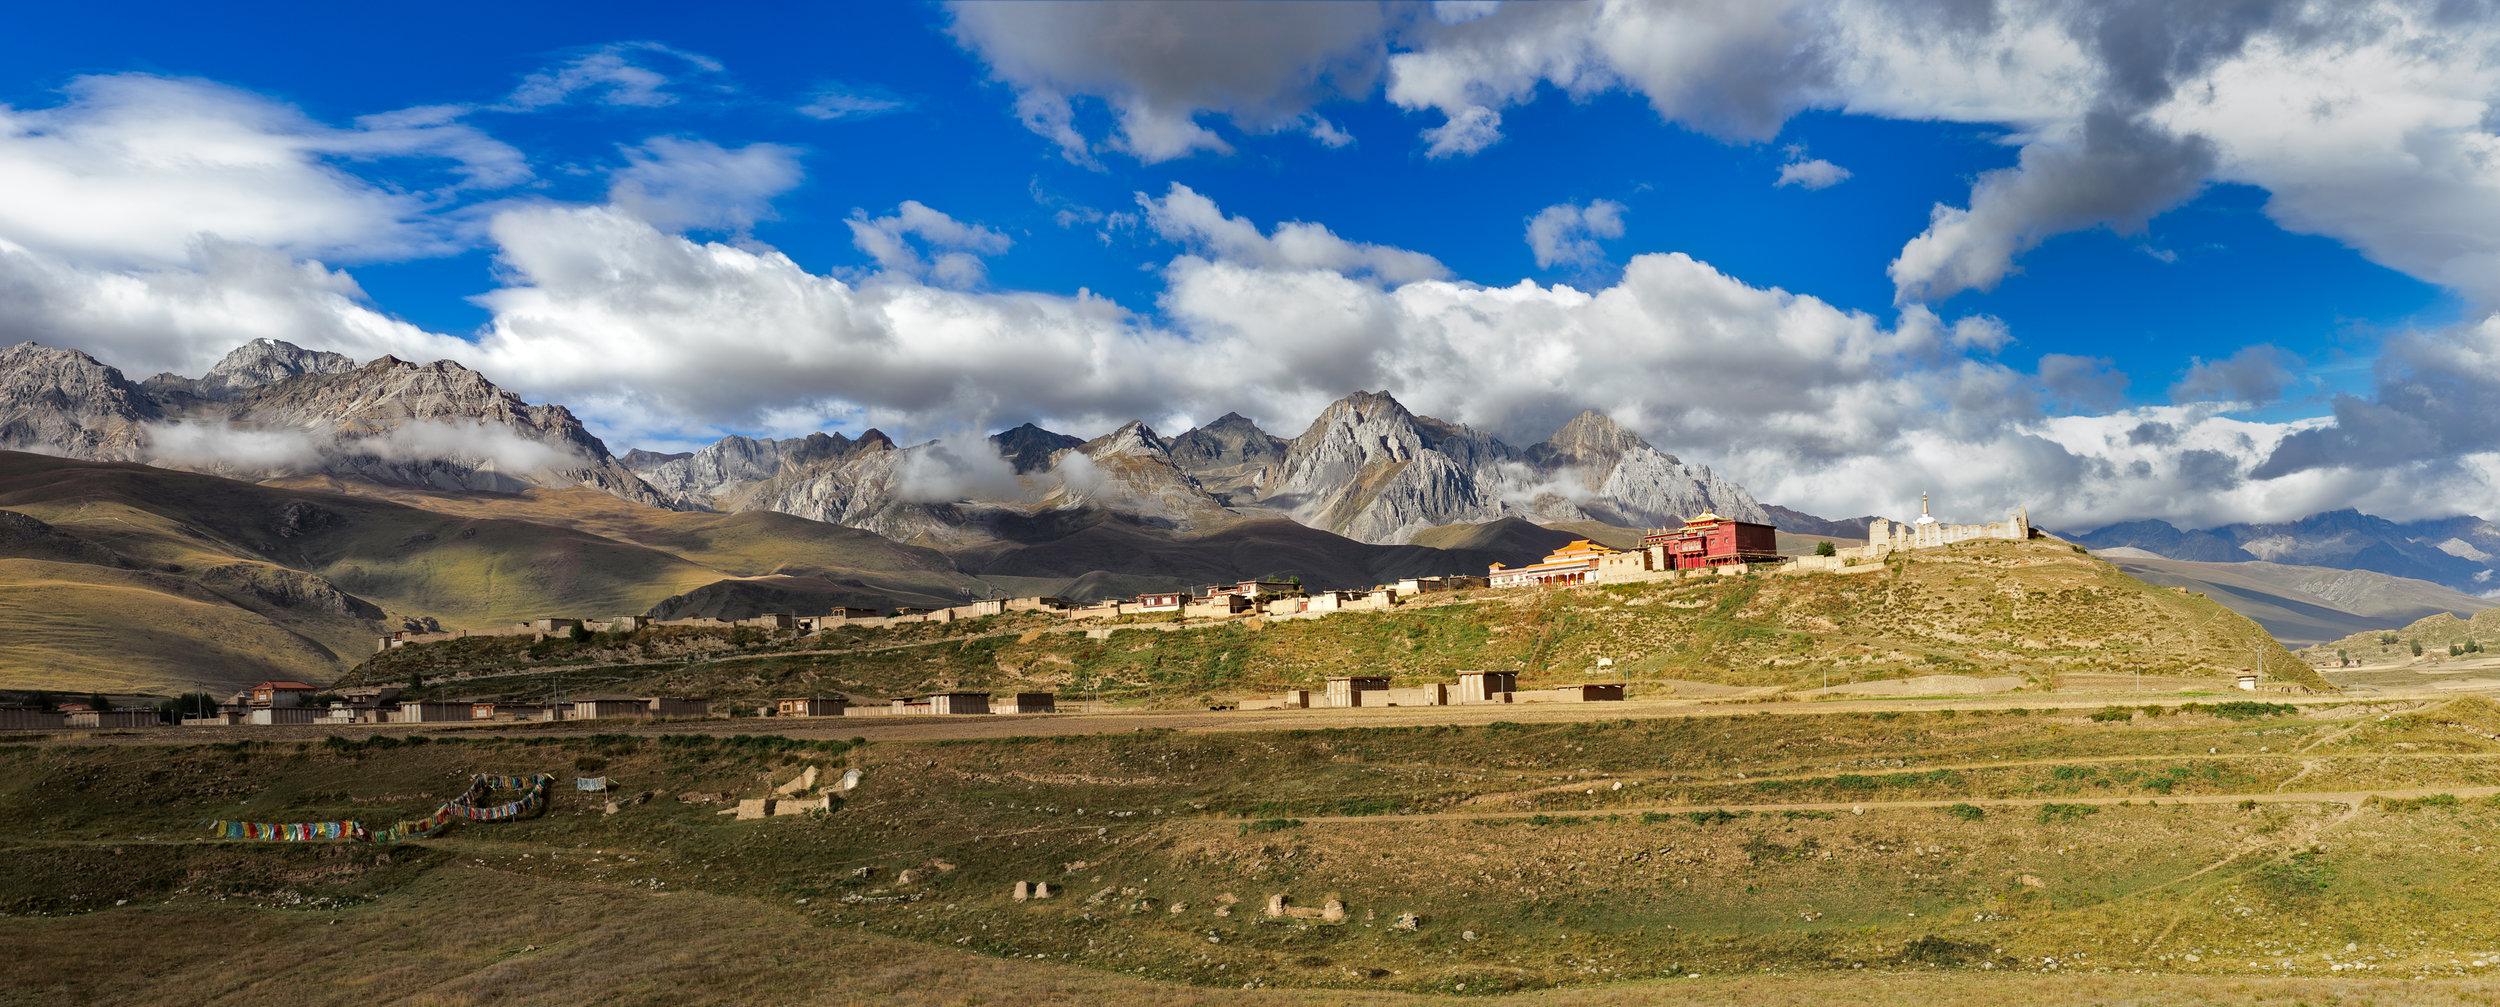 Copy of Tibet